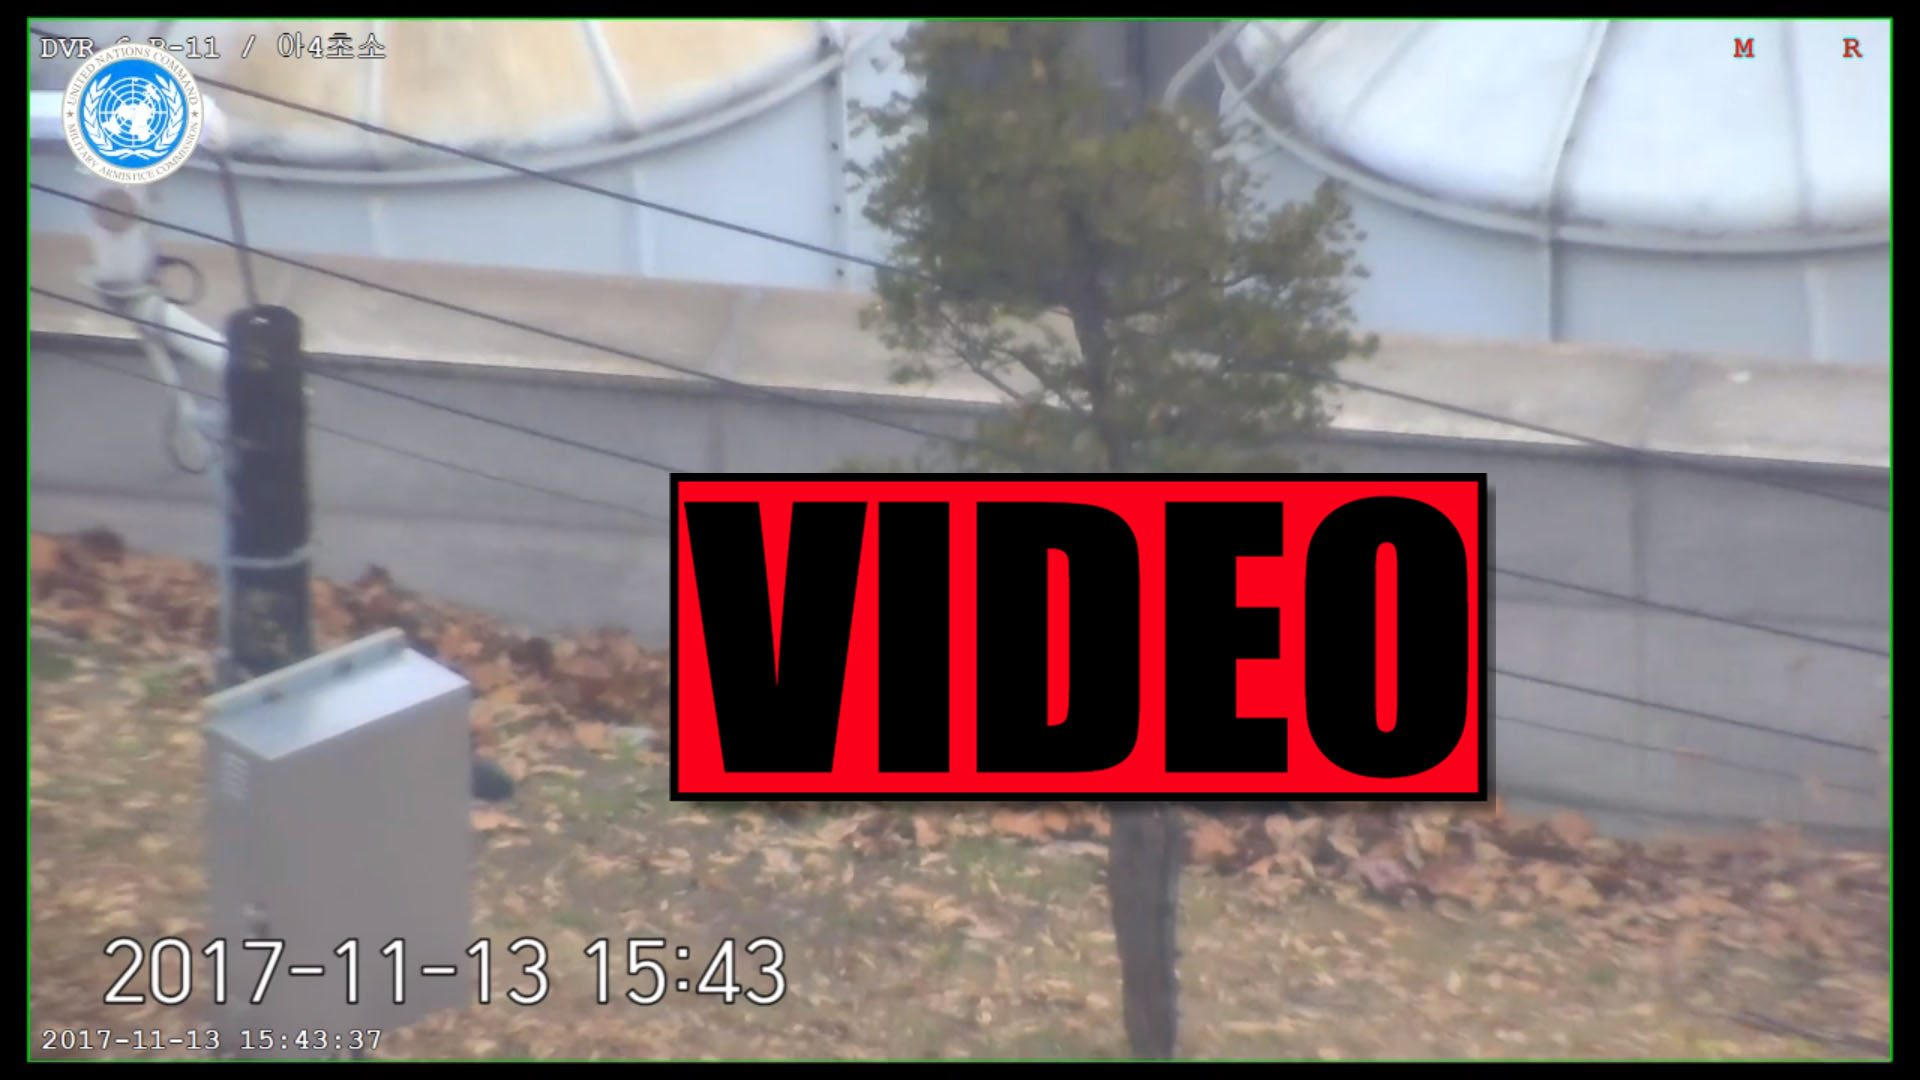 Żołnierz ucieka z Korei Północnej. ONZ publikuje brutalne nagranie.